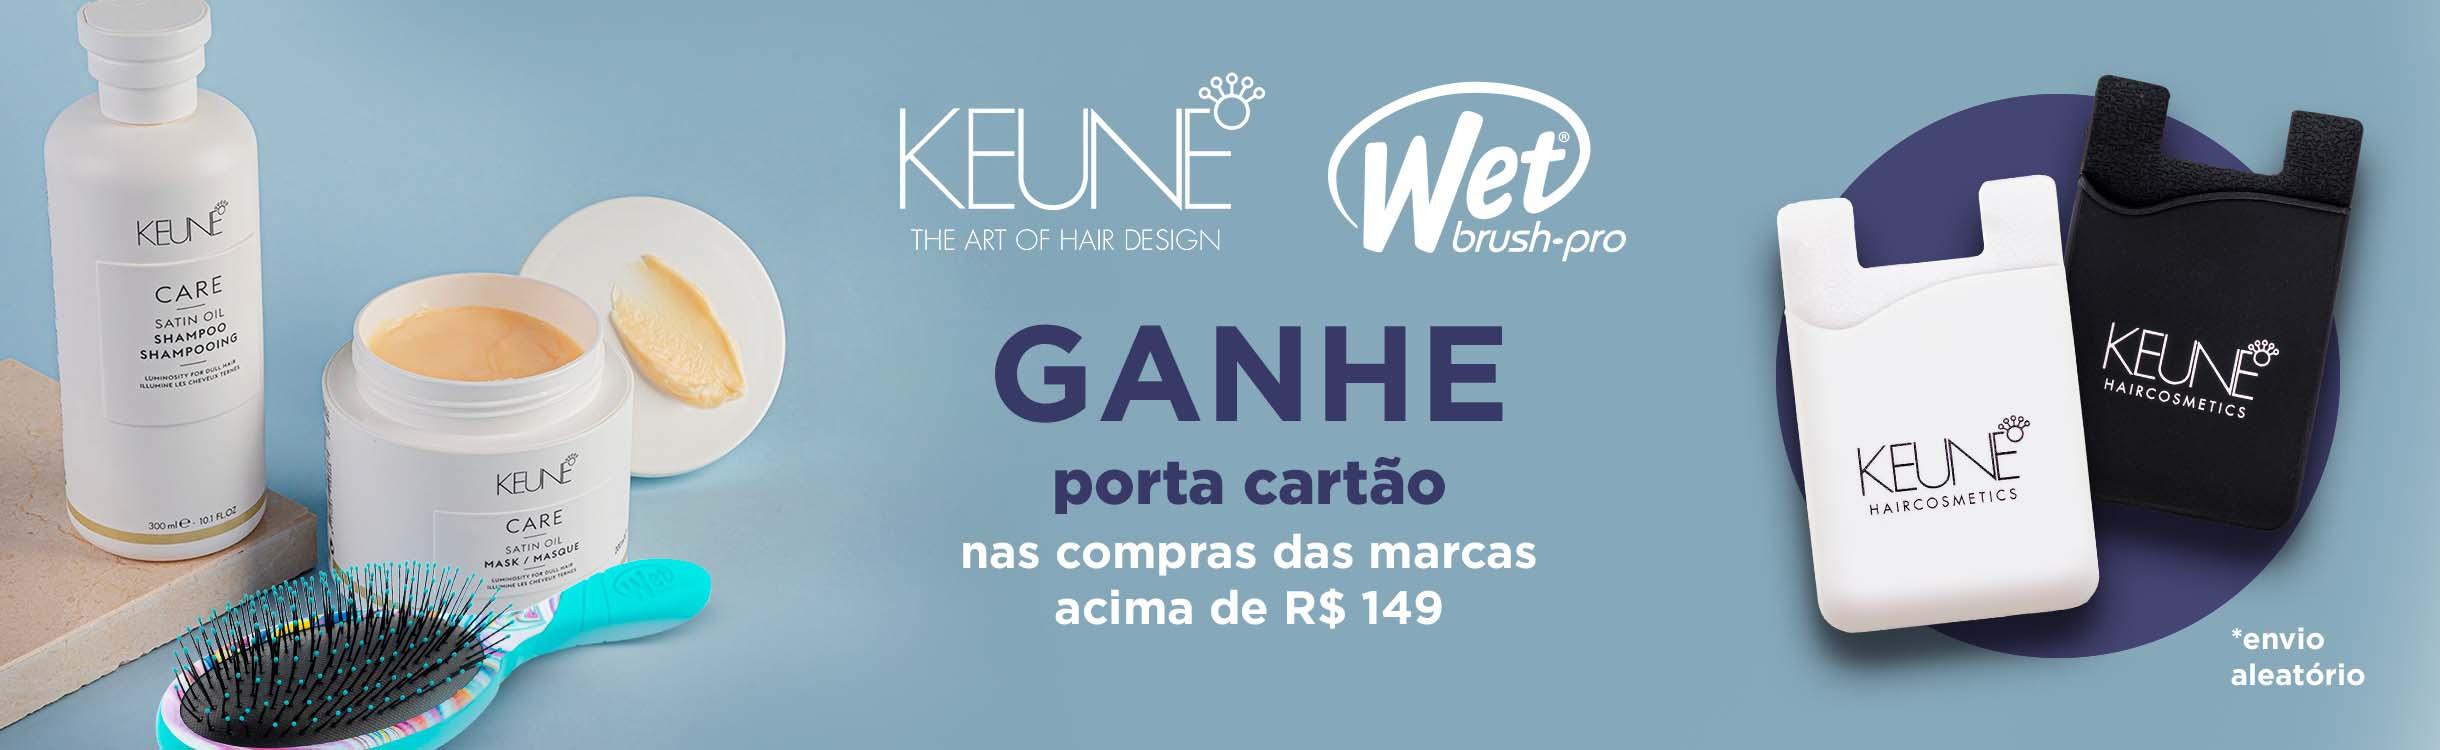 Keune & Wet Brush